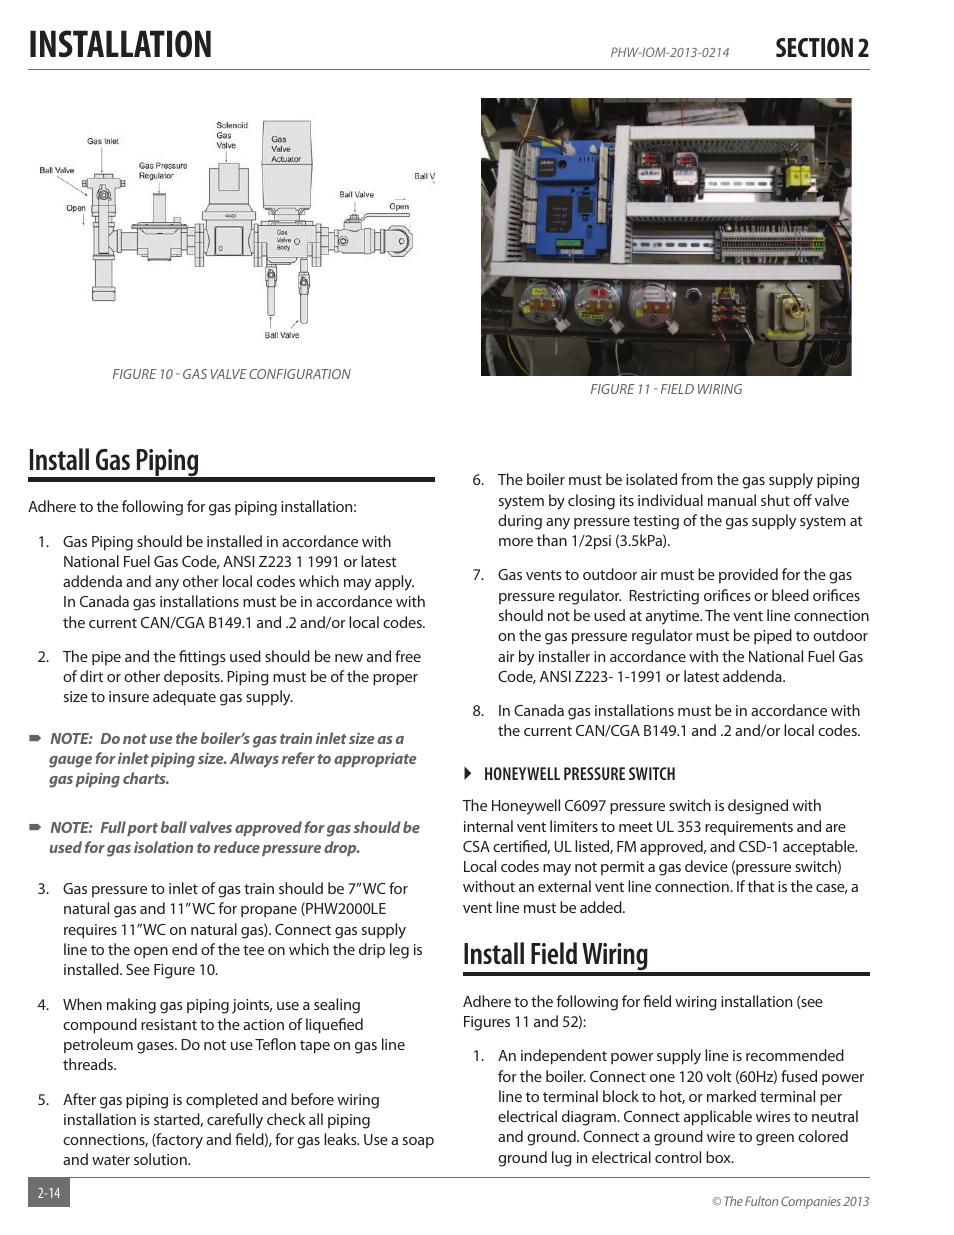 Installation, Install gas piping, Install field wiring